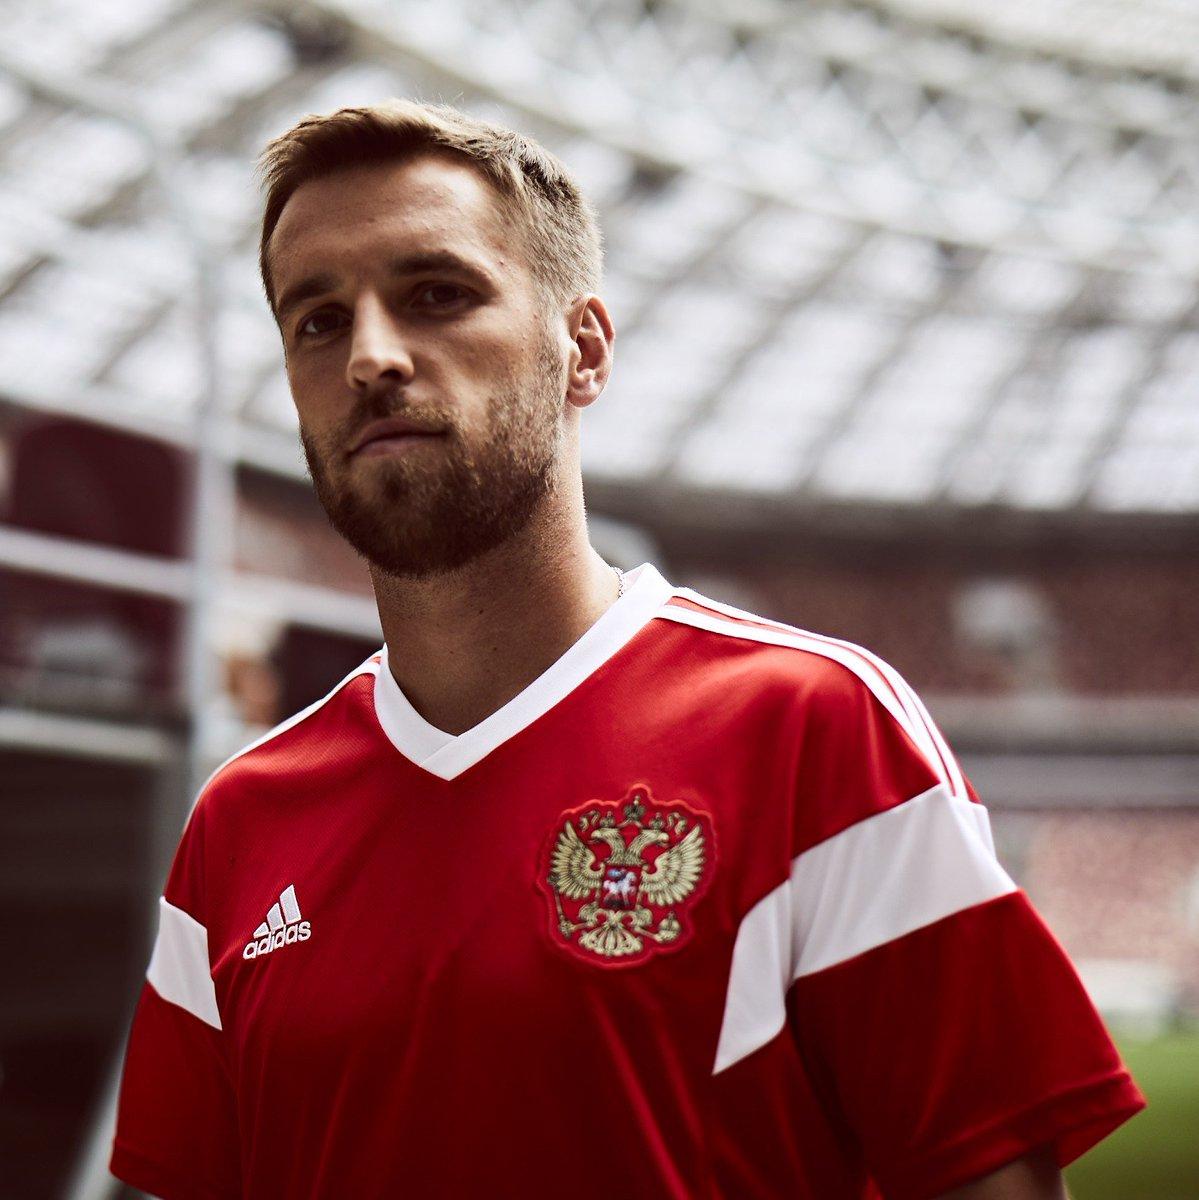 Дмитрий Комбаров представил новую форму сборной России на ЧМ-2018